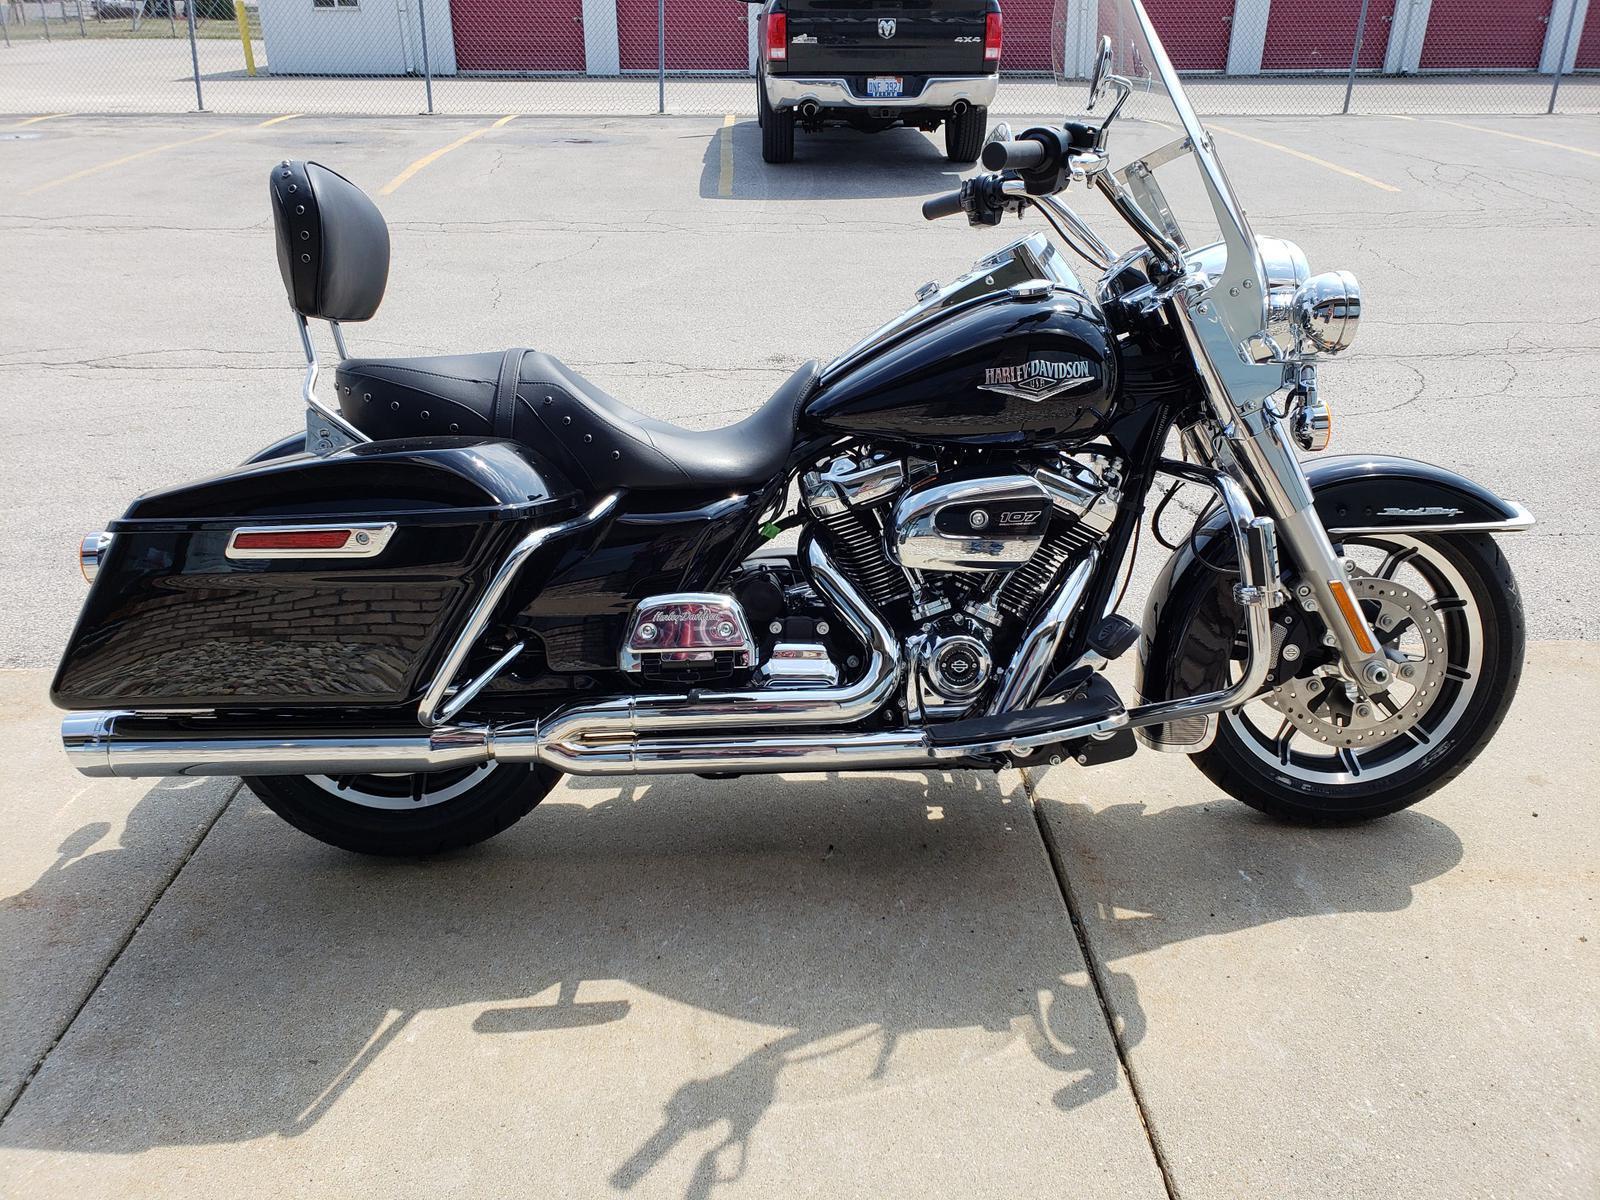 2018 Harley-Davidson® FLHR - ROAD KING (EF for sale in Bay City, MI